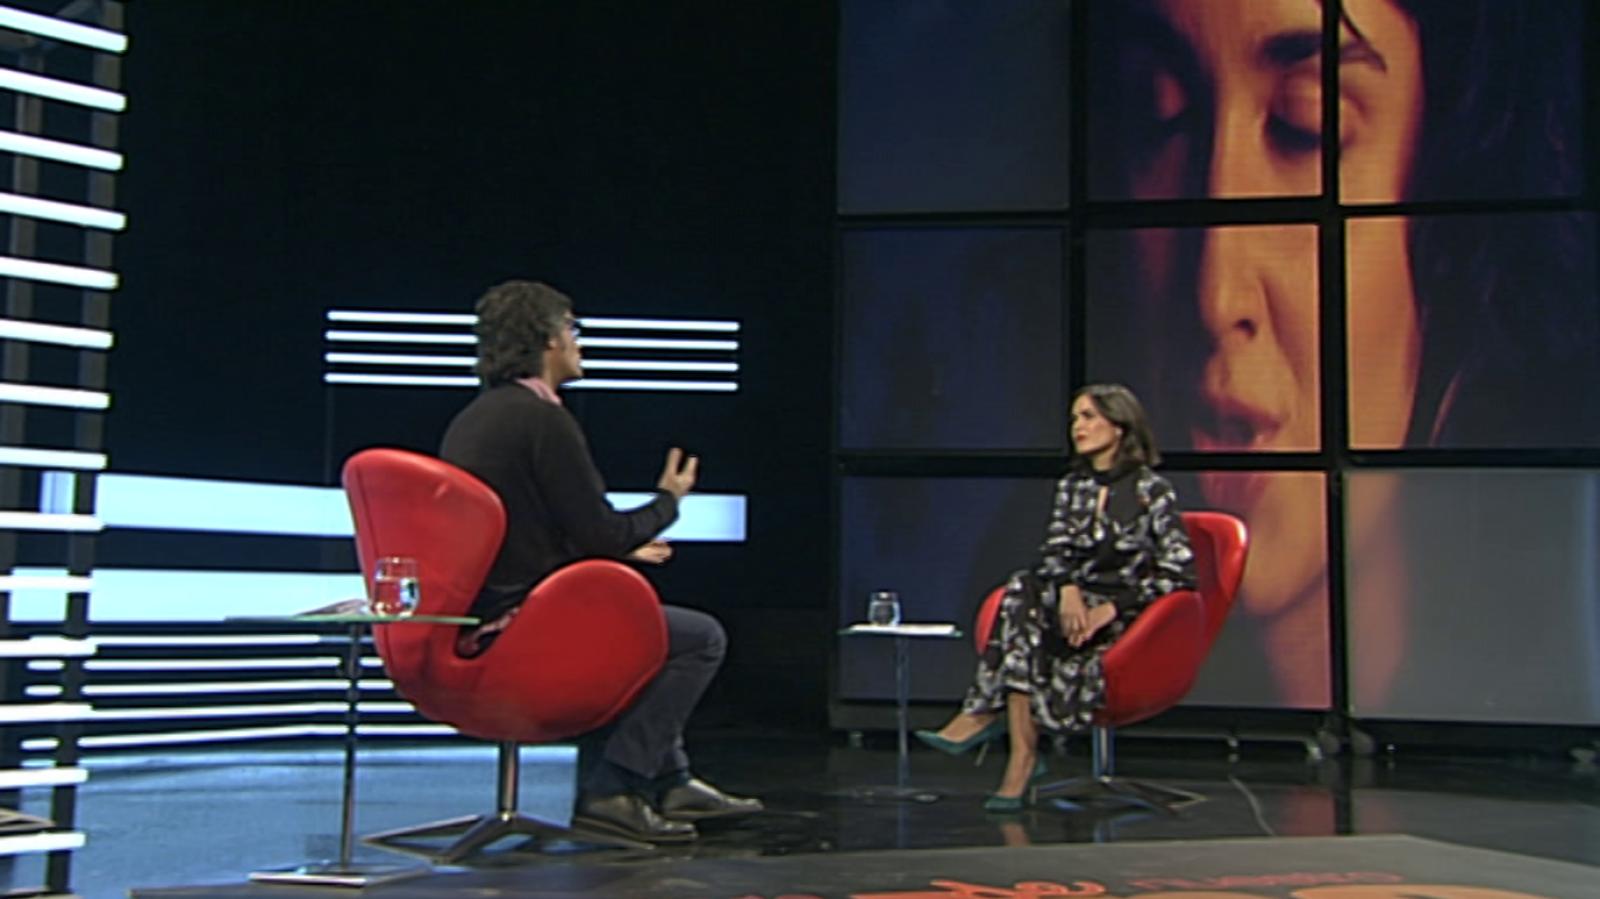 Historia de nuestro cine - Lucía y el sexo (presentación) - ver ahora